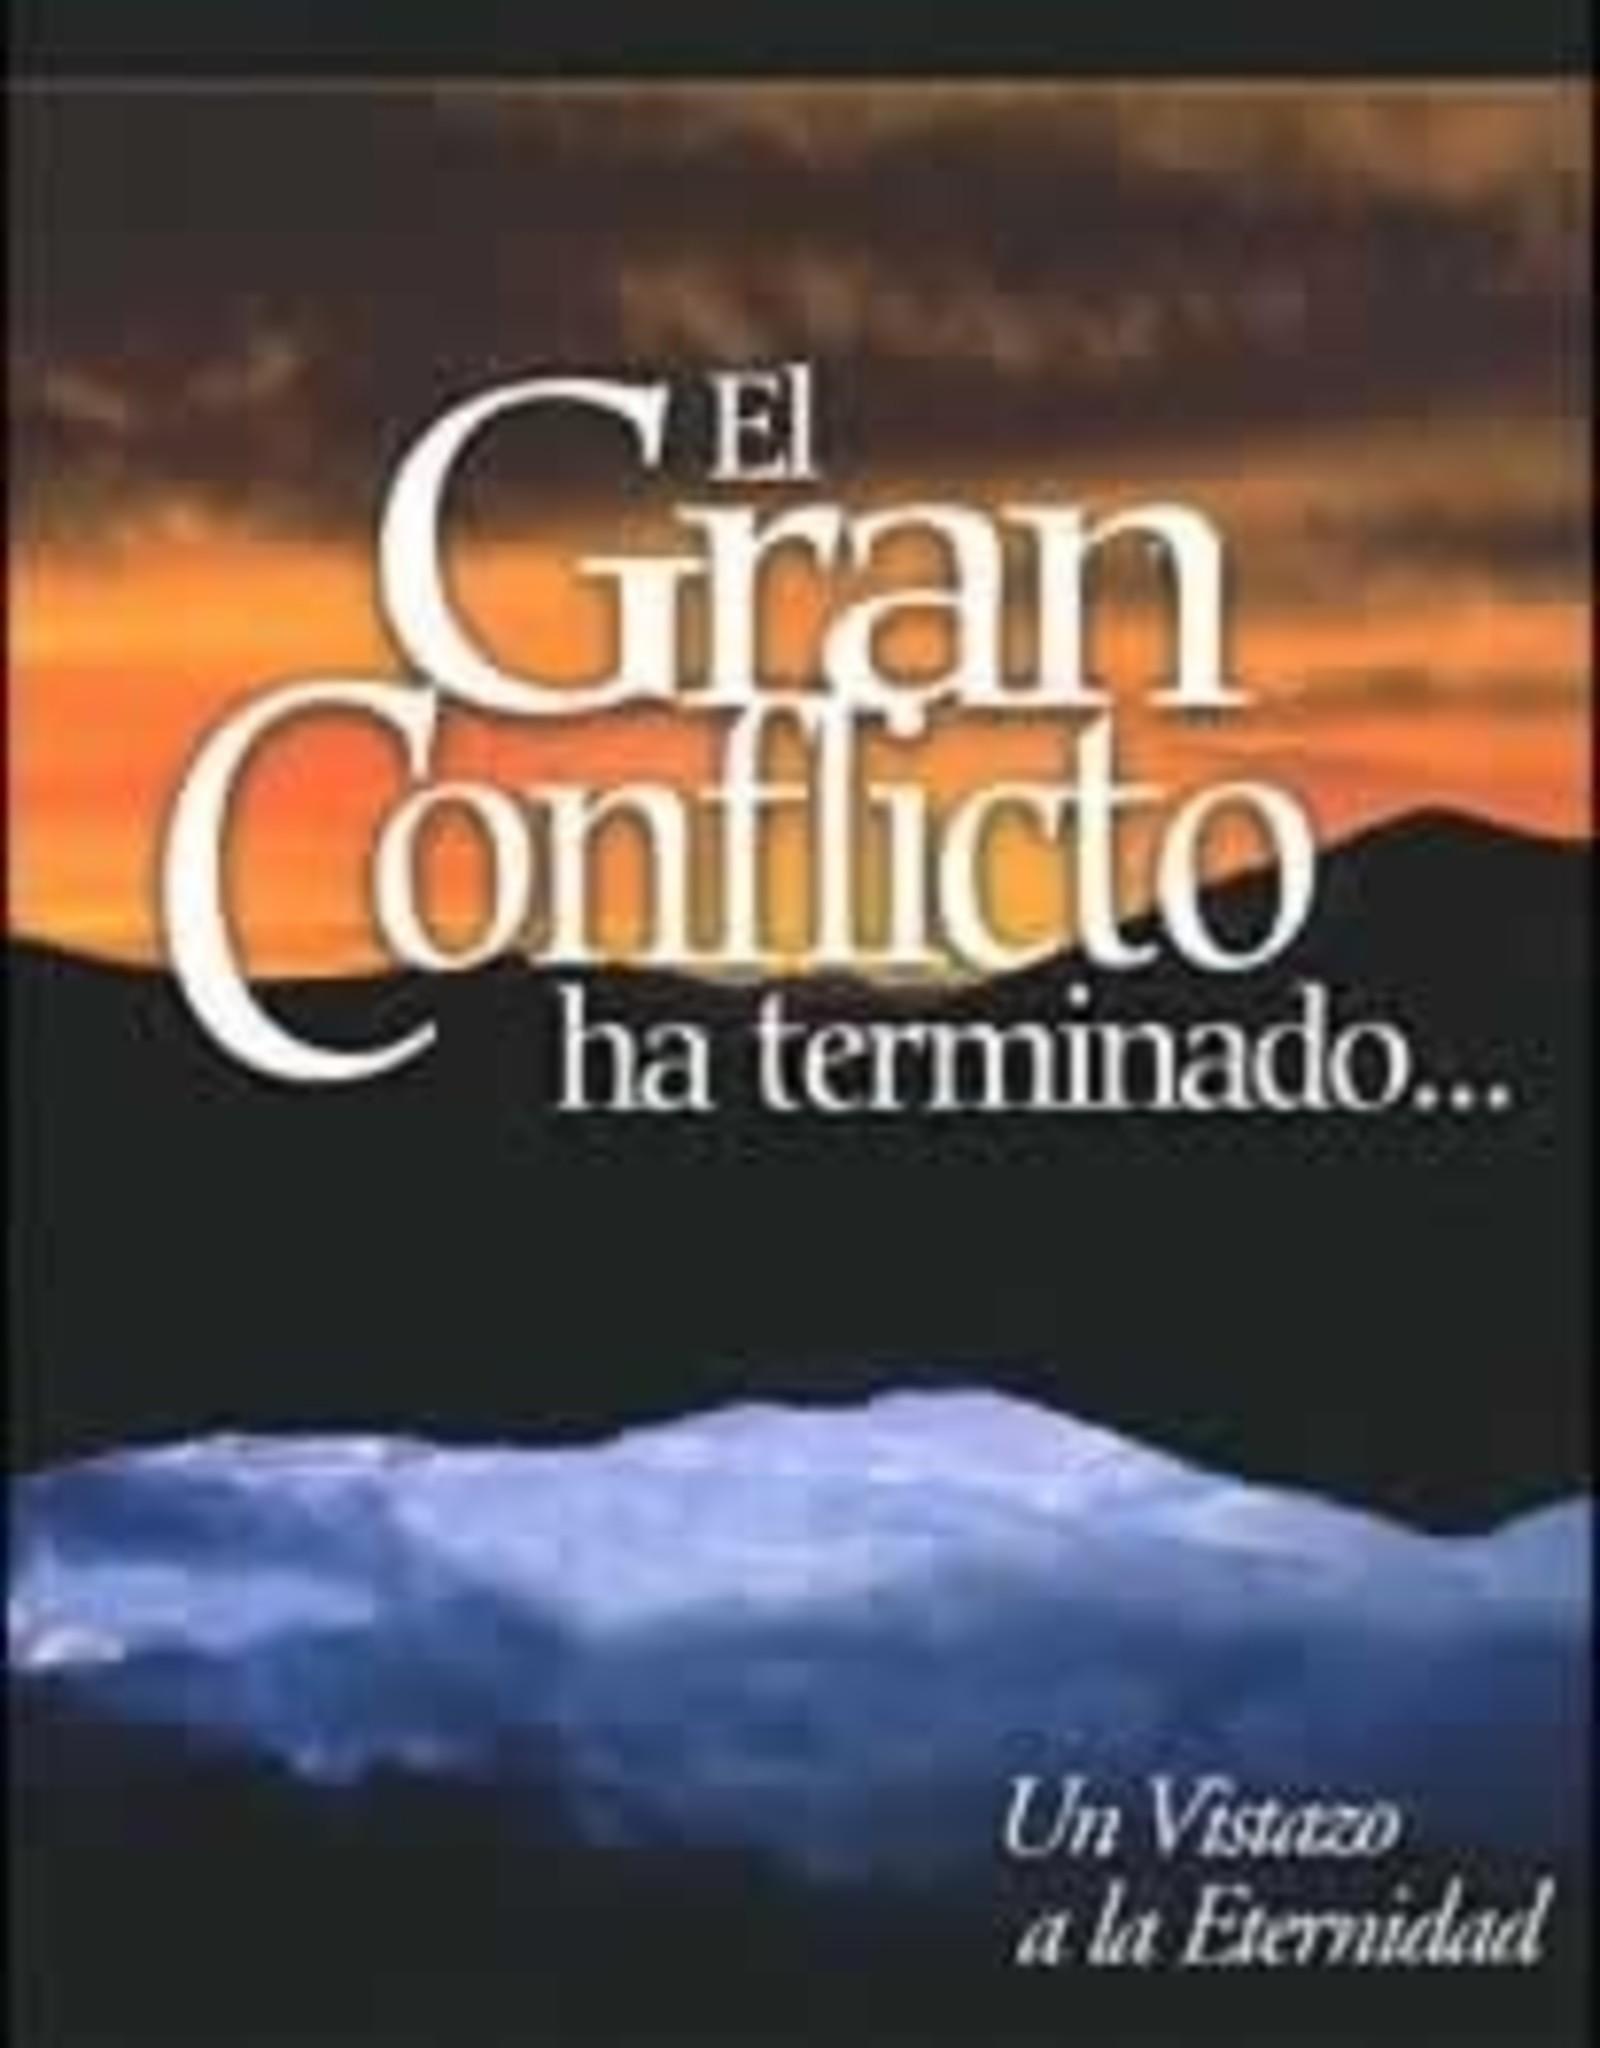 Ellen G.White El Gran Conflicto ha terminado...